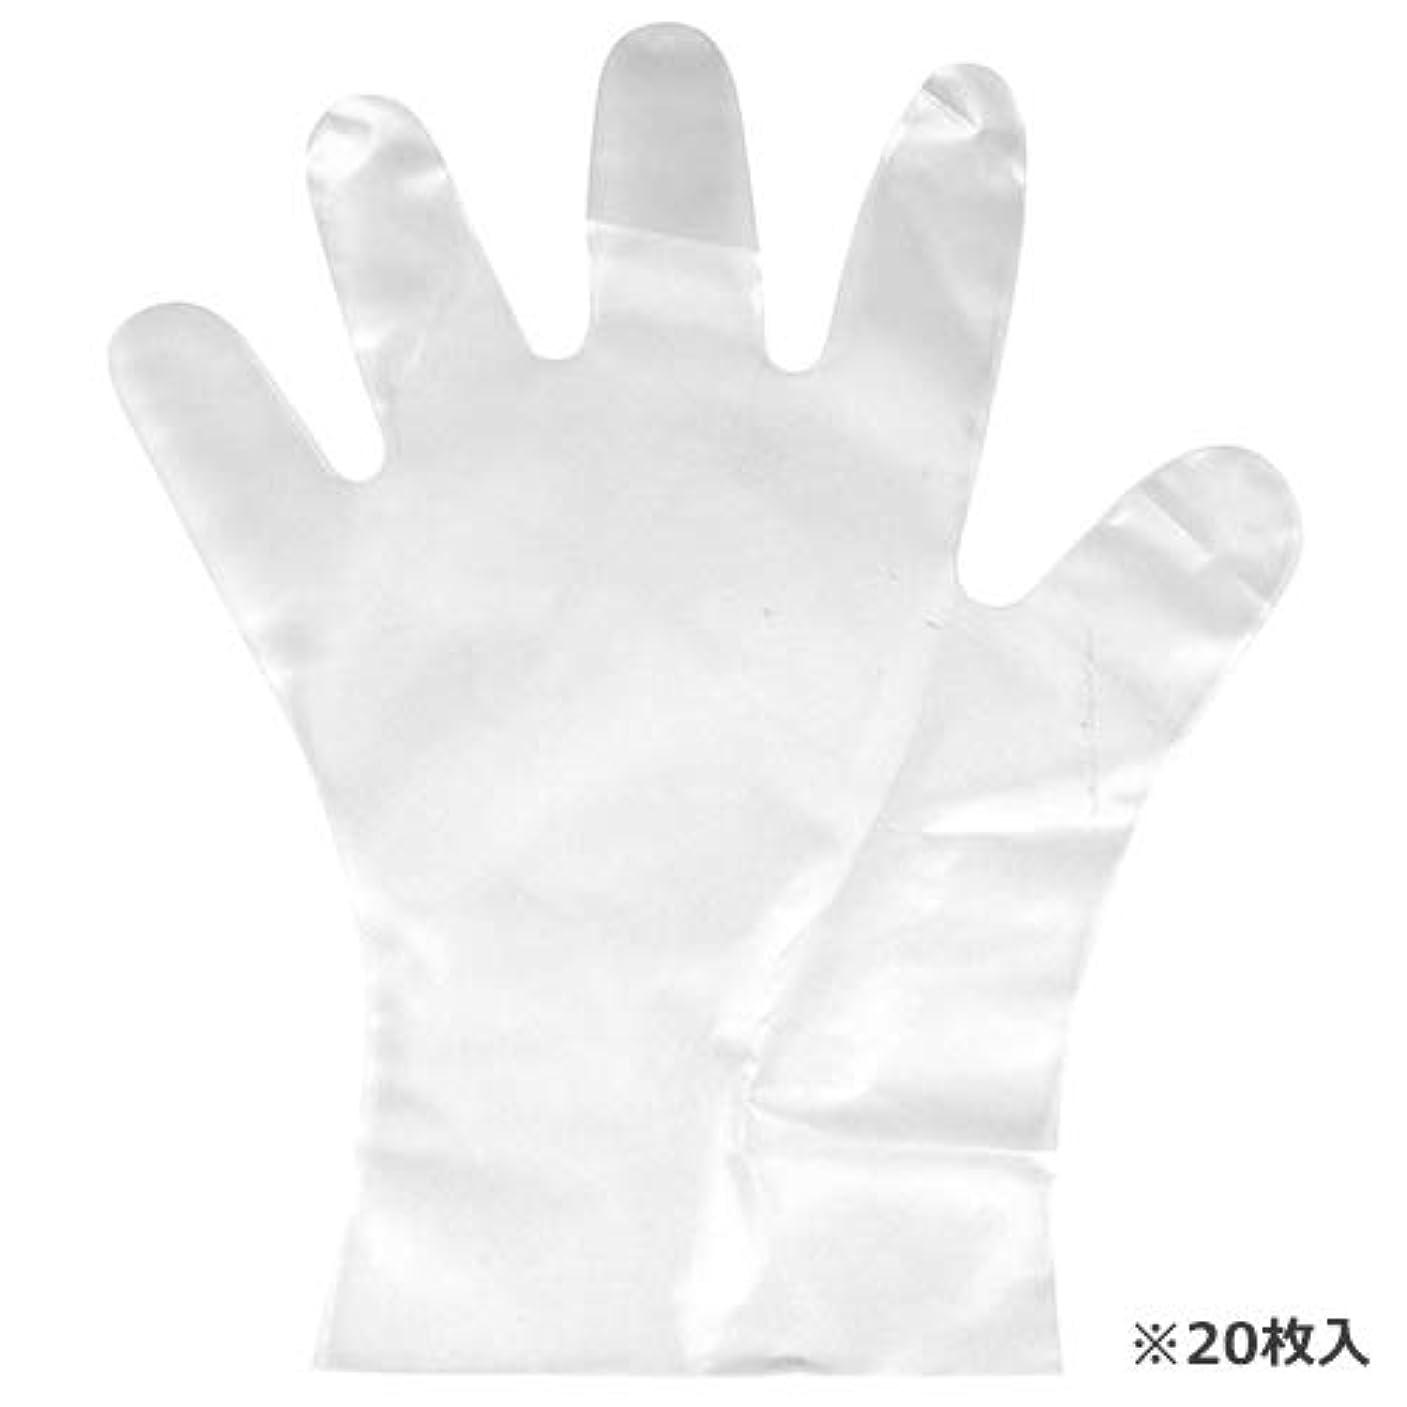 マルクス主義アレイ味方クイン 使いきり ポリエチ手袋 20枚入 ふつうサイズ